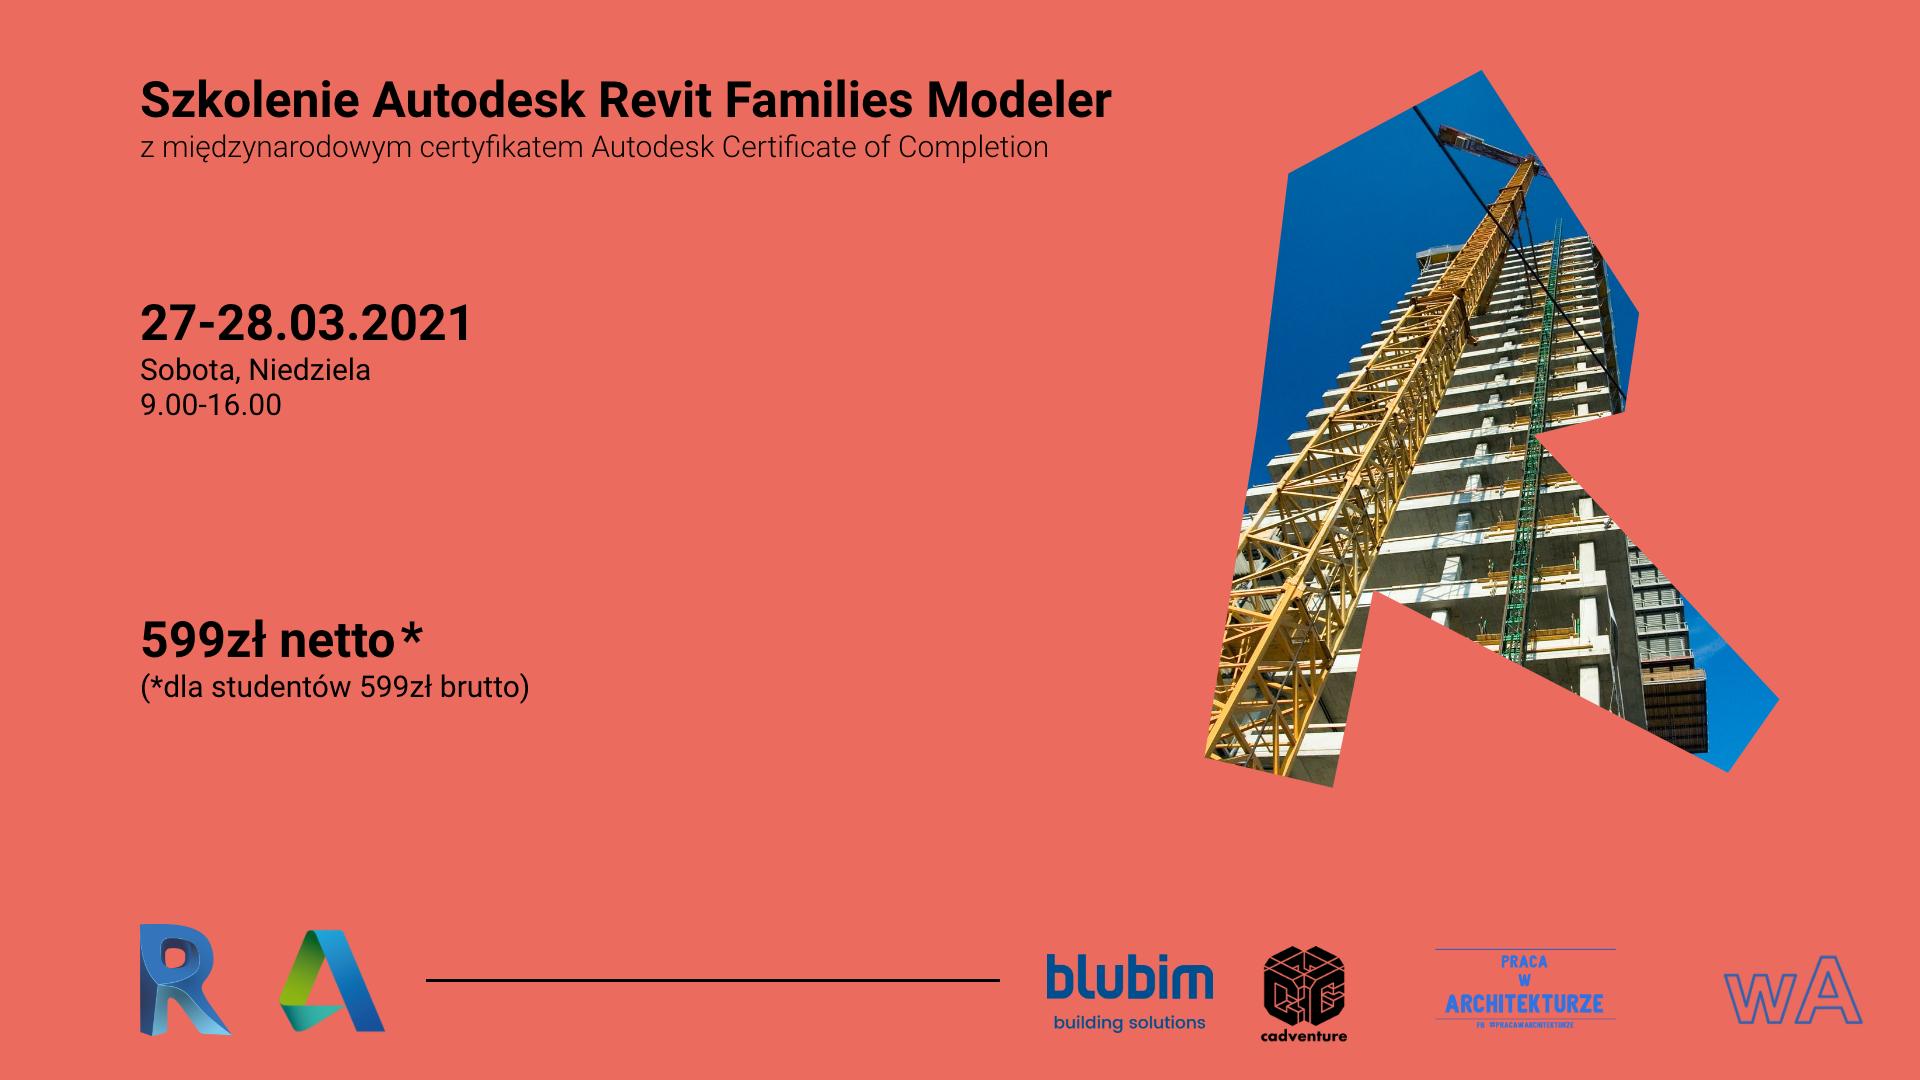 families modeler 27-28.03